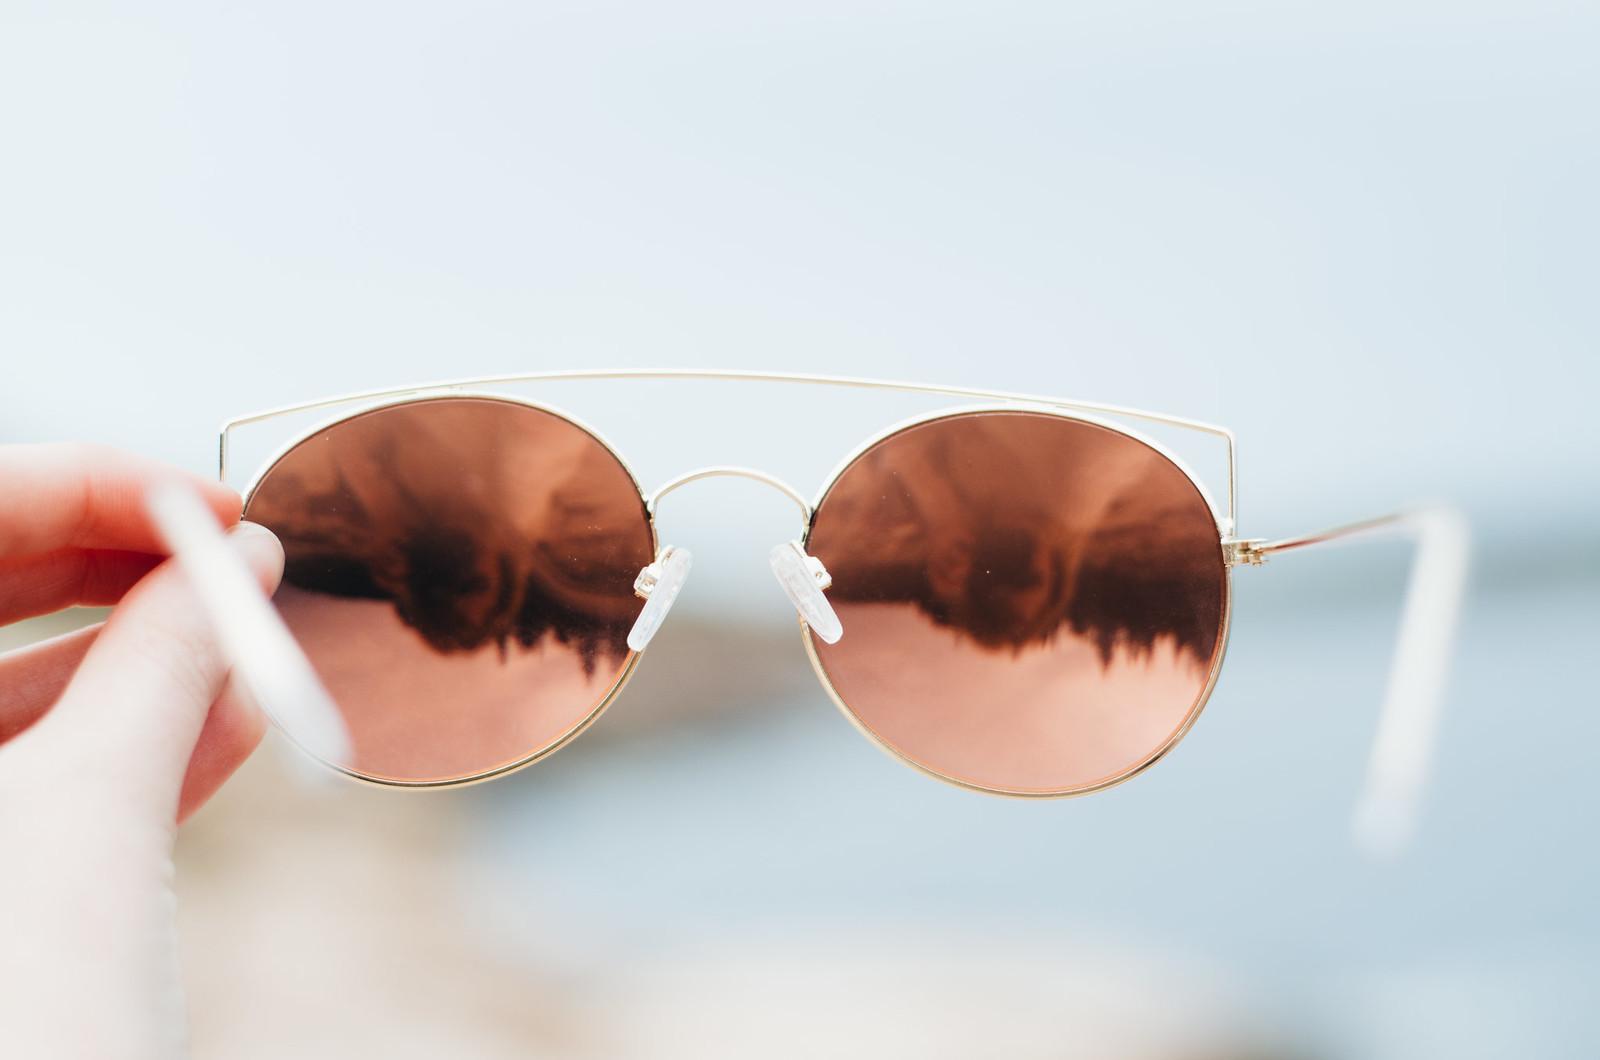 Rose Gold Cat Eye Brow Bar Sunglasses on juliettelaura.blogspot.com